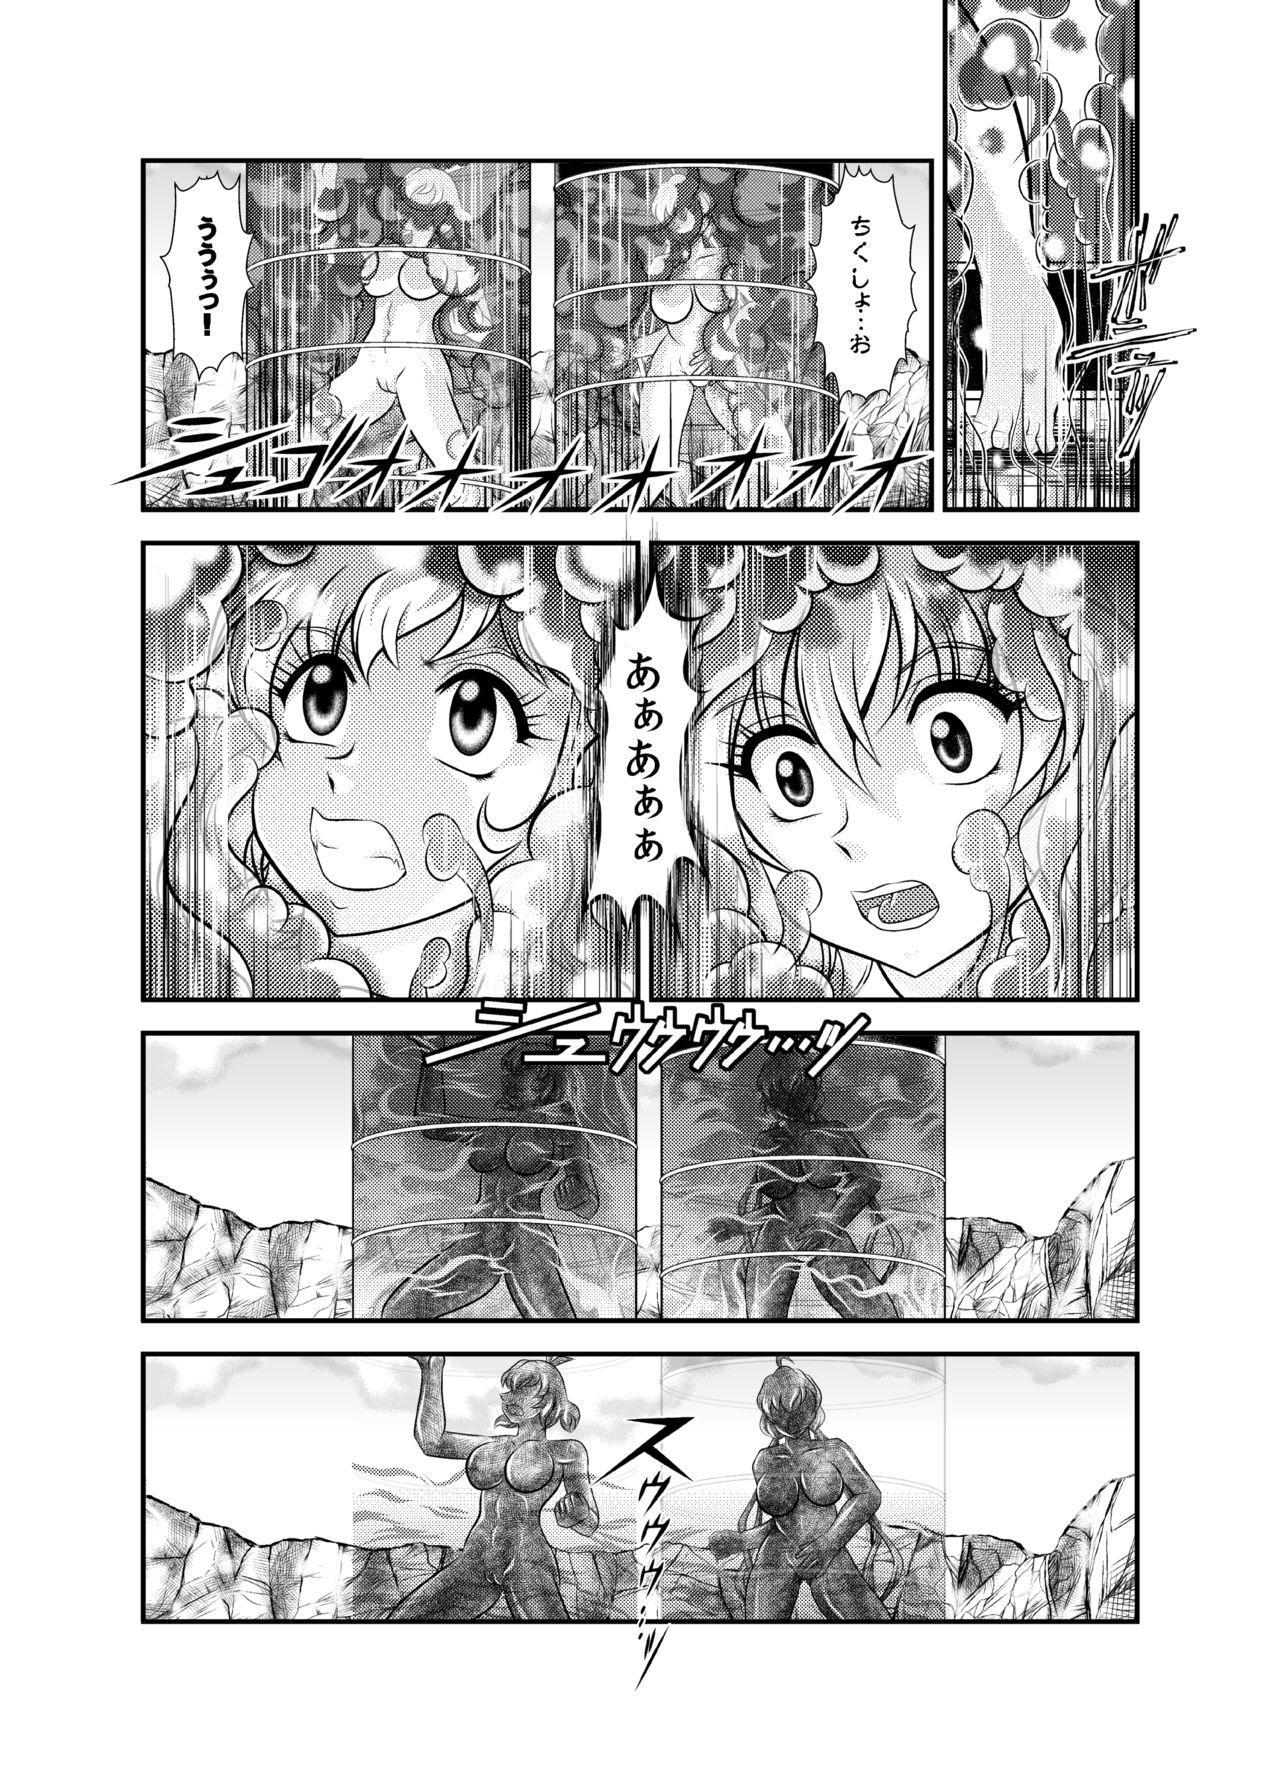 Senki Zenmetsu EP 2: Tachibana Hibiki & Yukine Chris 15